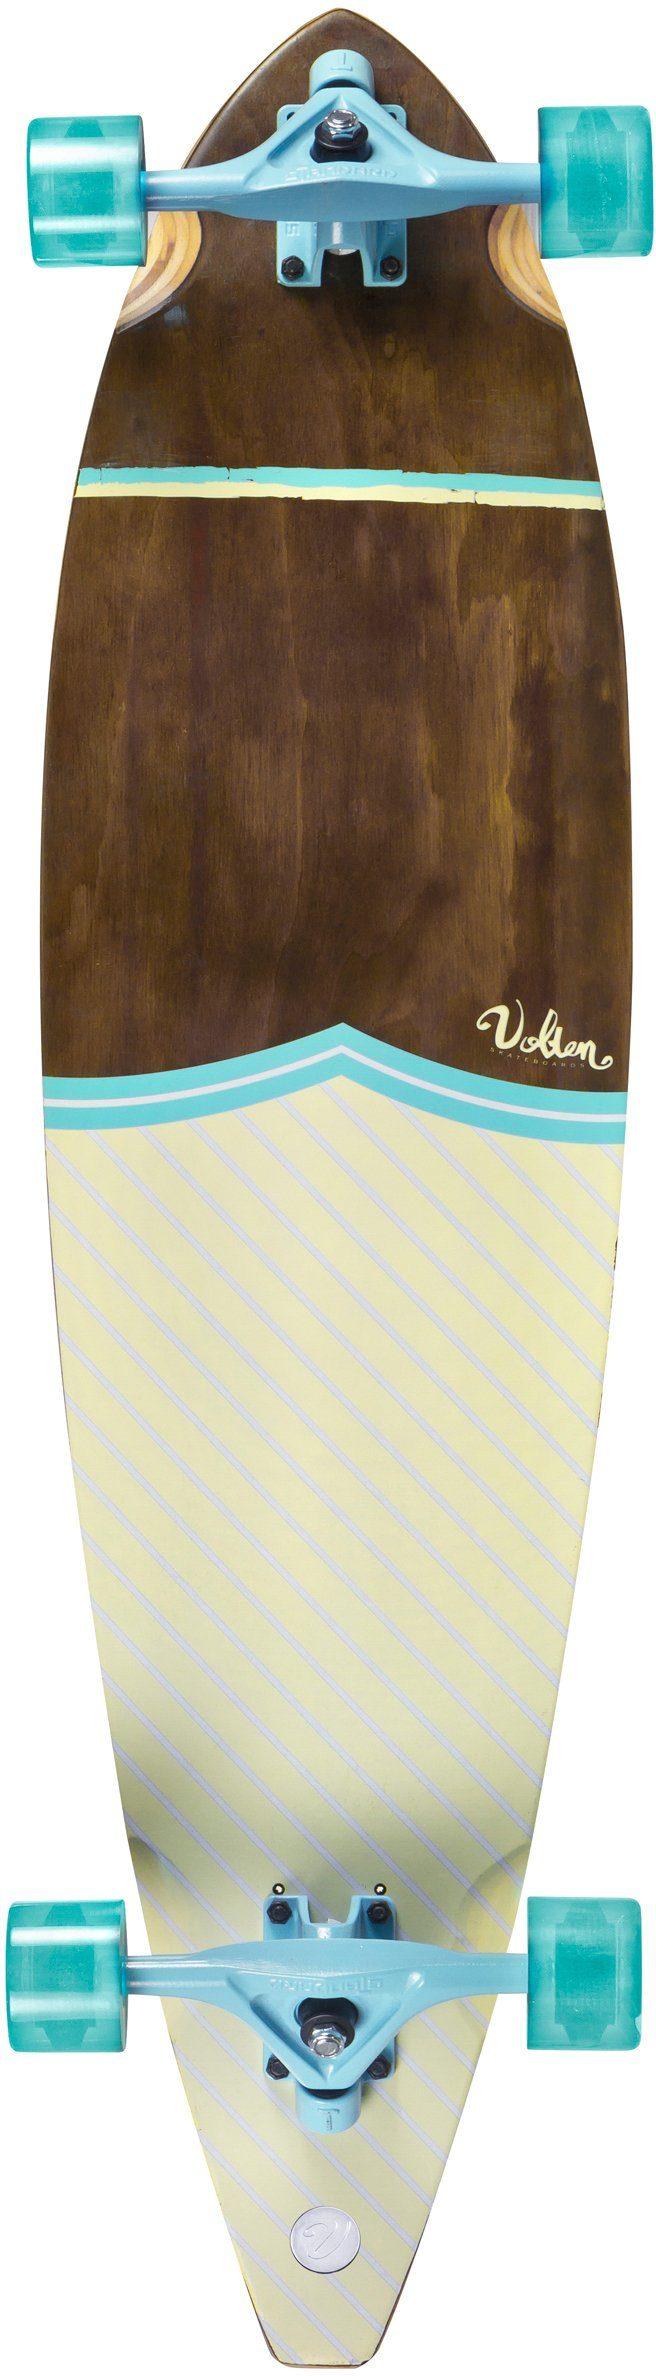 Volten Longboard, blau-braun-weiß, »Rennervate II Pintail«